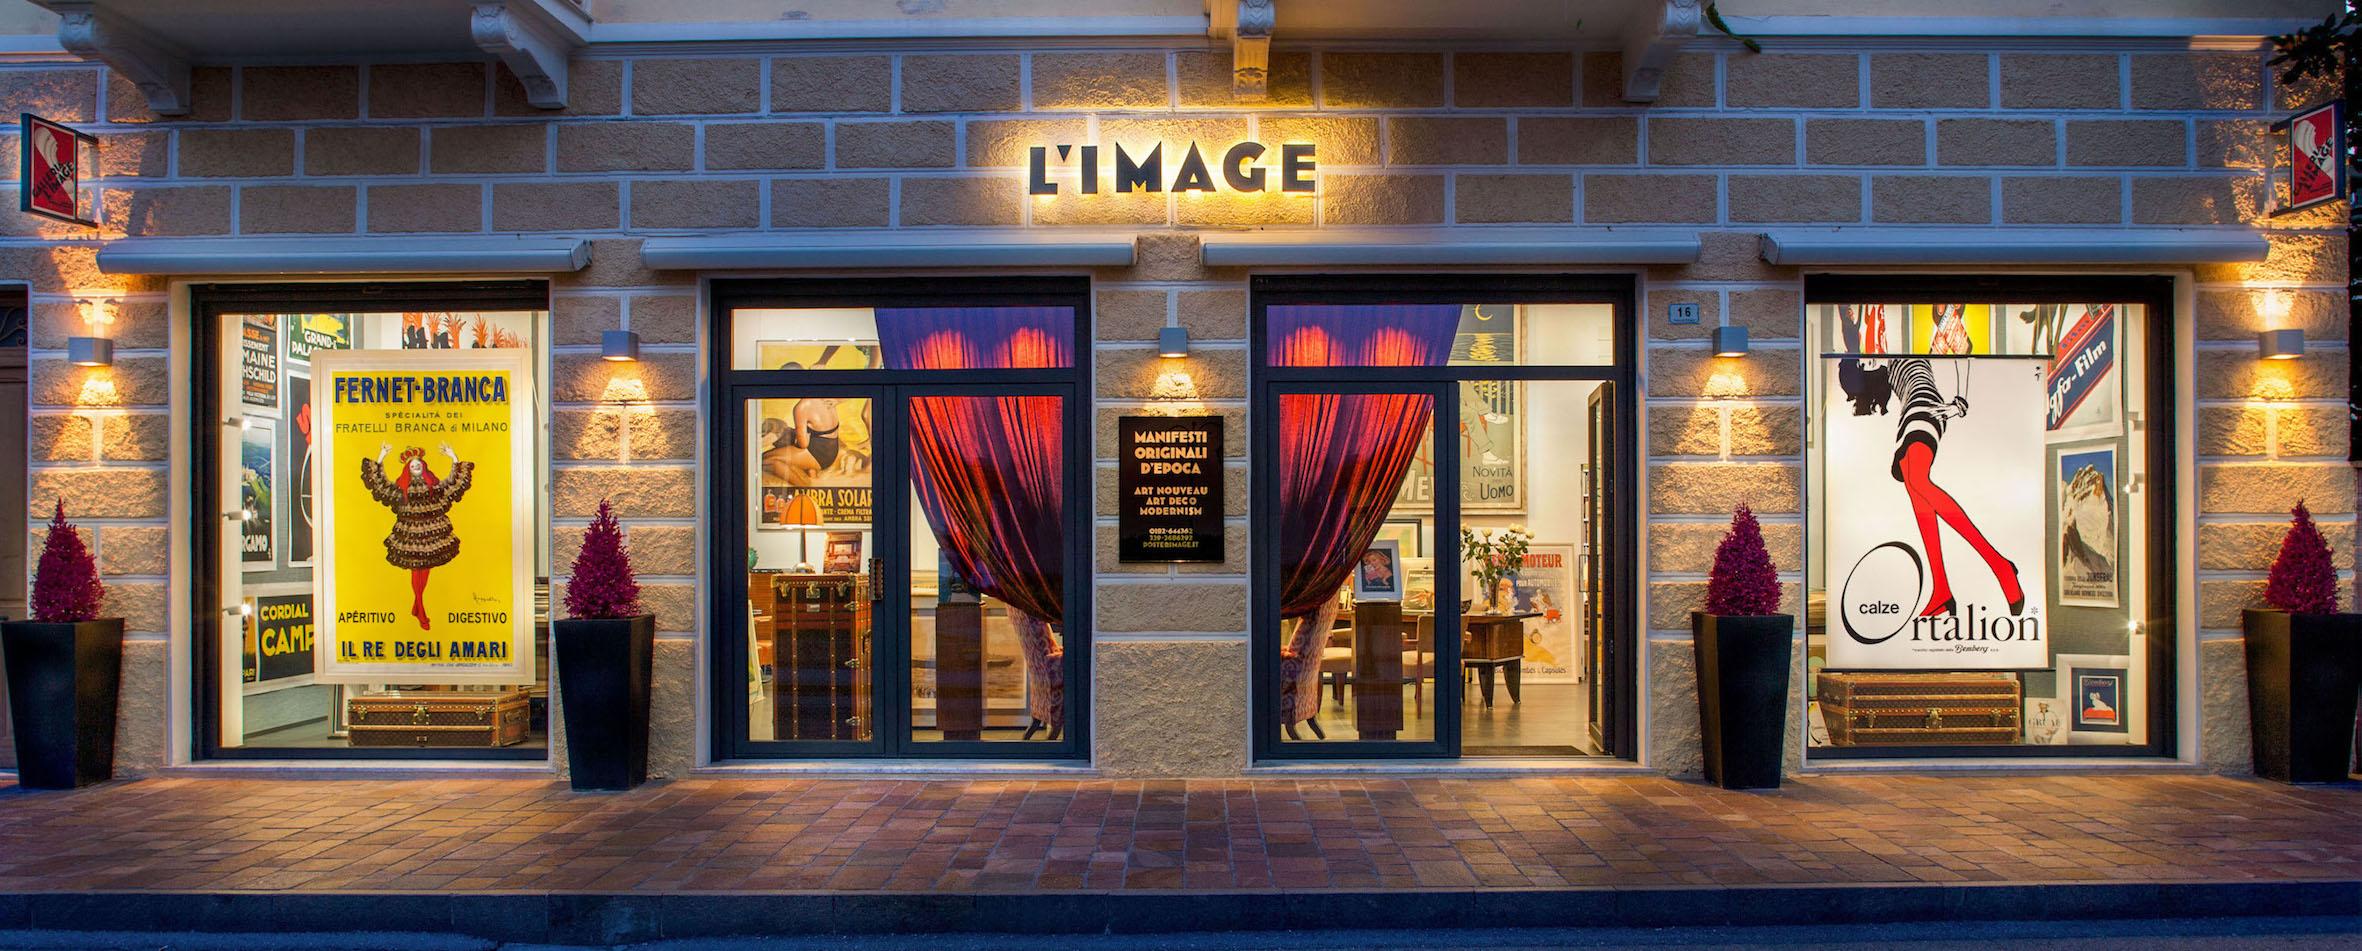 Galleria L'Image 2020